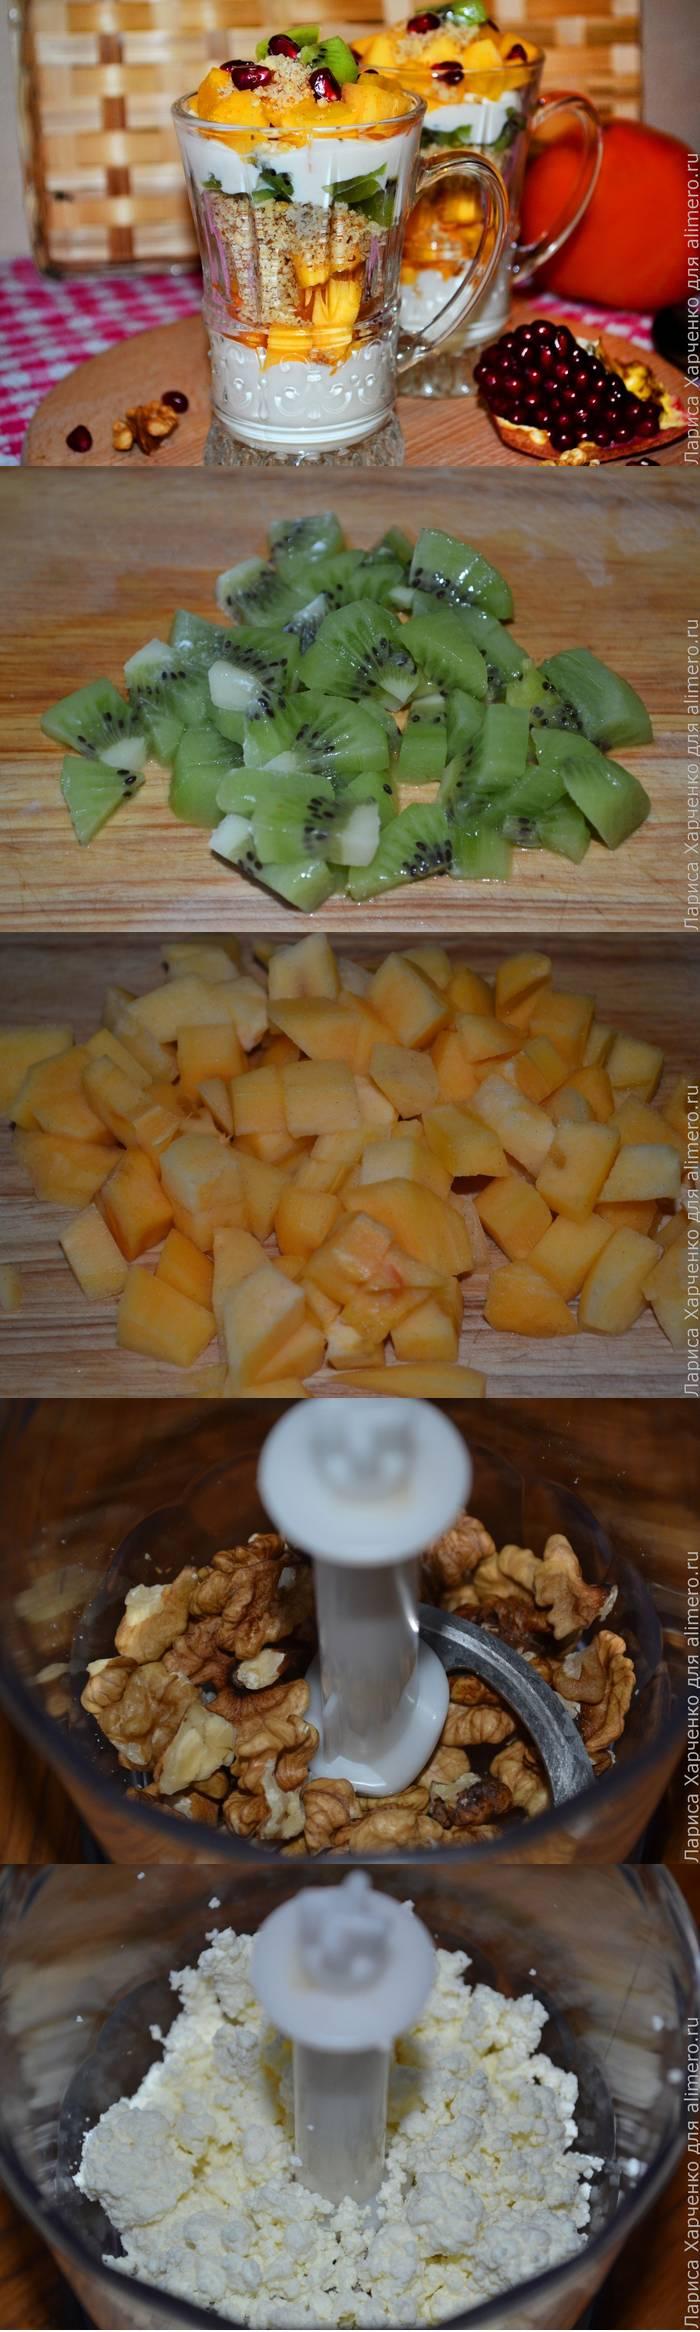 Творожный десерт с фруктами и орехами